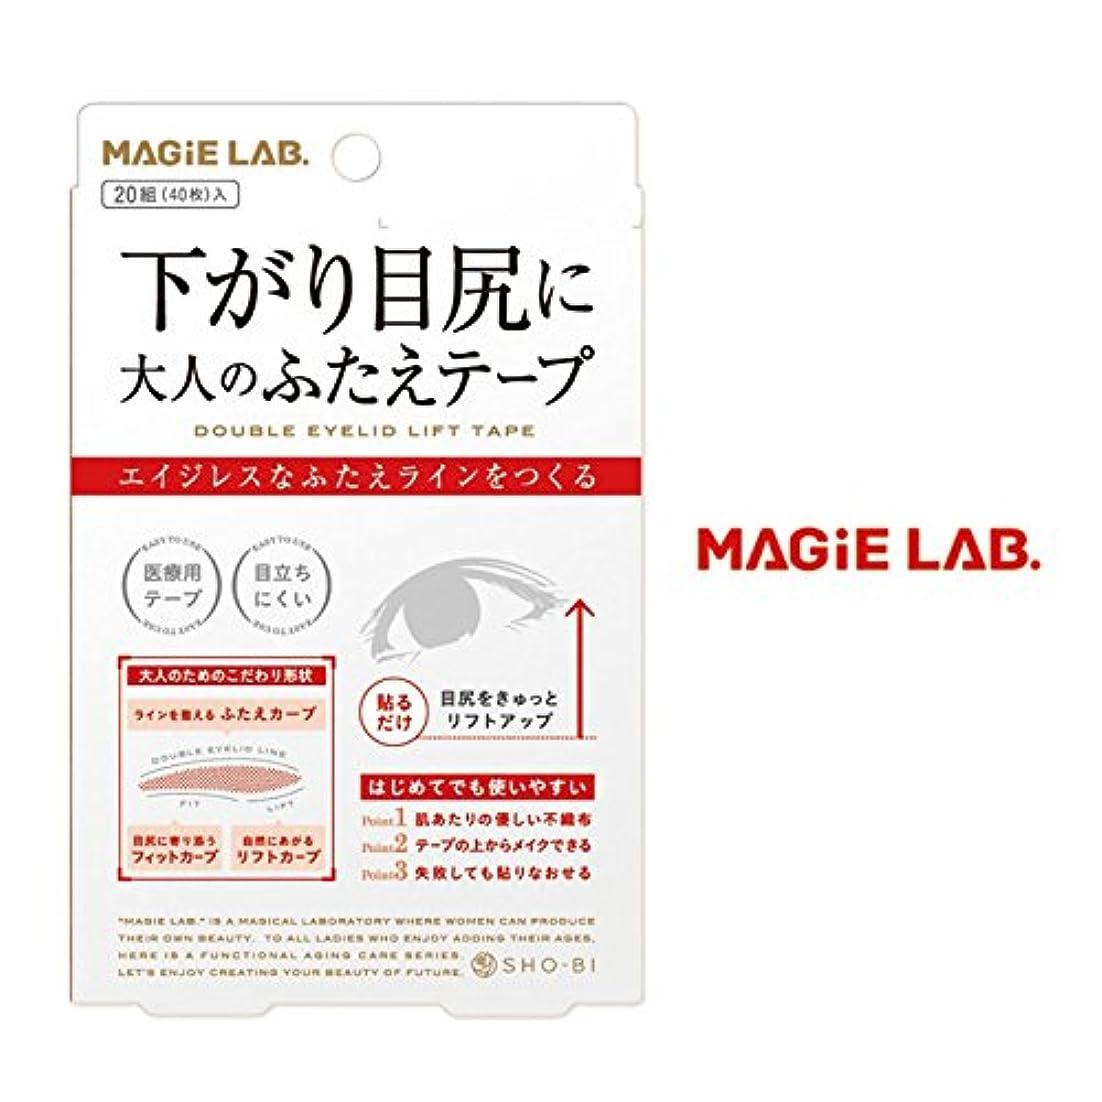 発掘するにじみ出る干渉MAGiE LAB.(マジラボ) 大人のふたえテープ 20組(40枚)入 MG22105